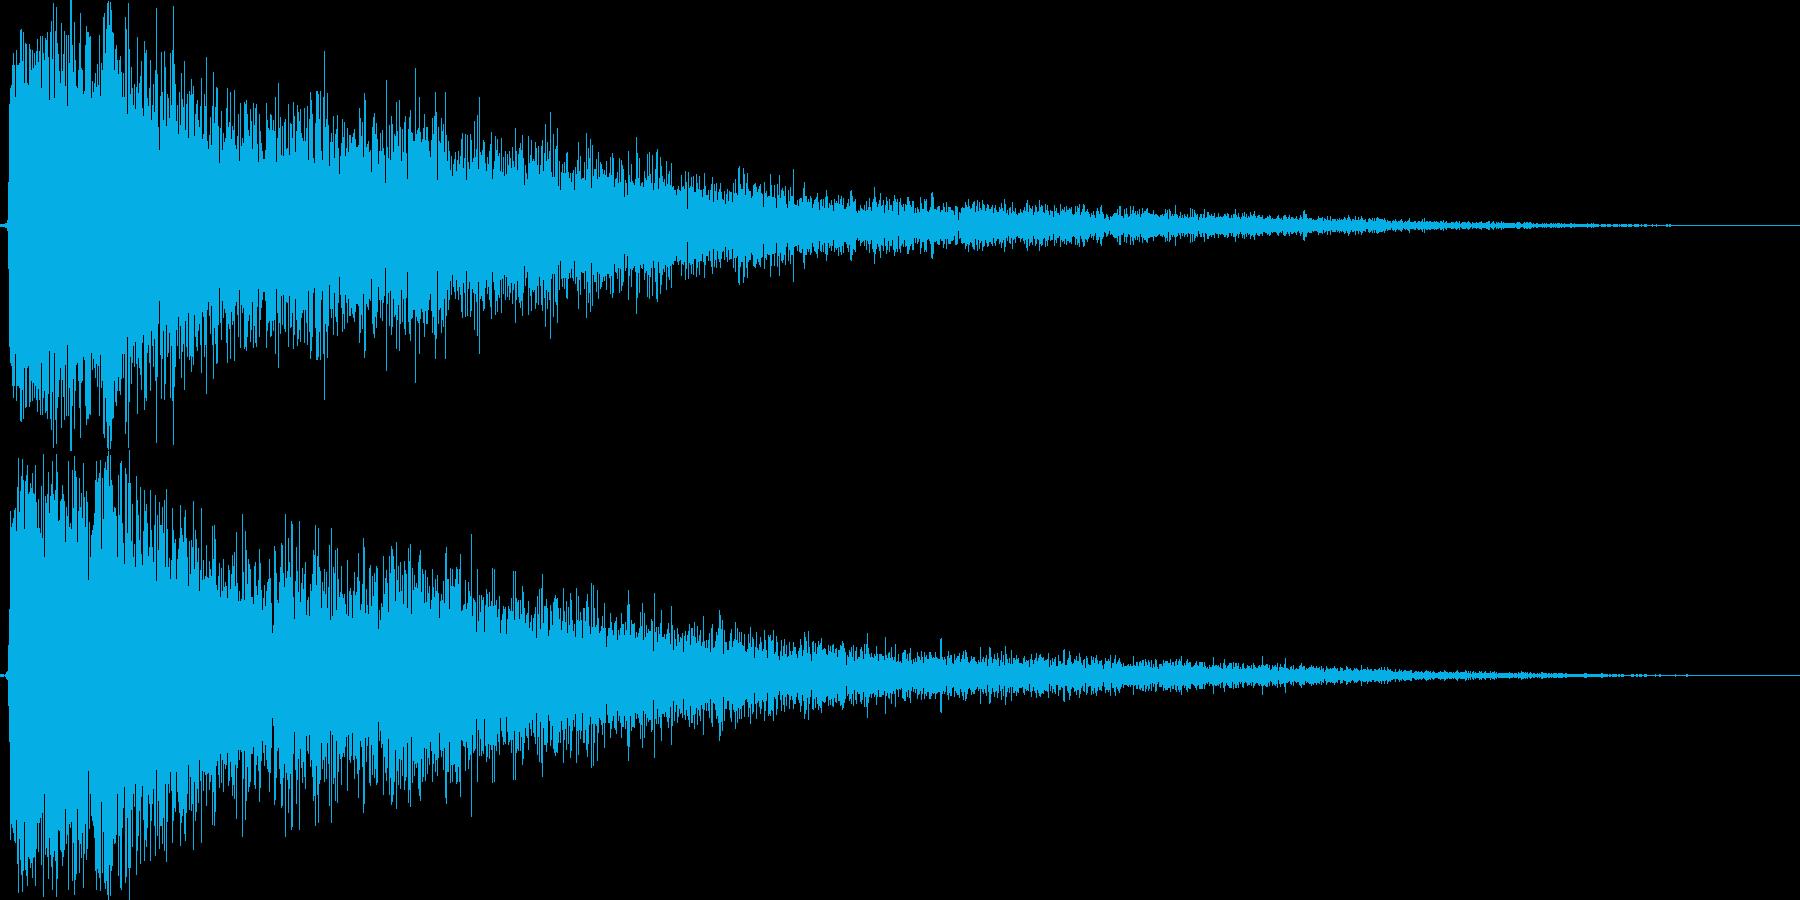 スナイパーライフルの迫力ある銃声! 05の再生済みの波形